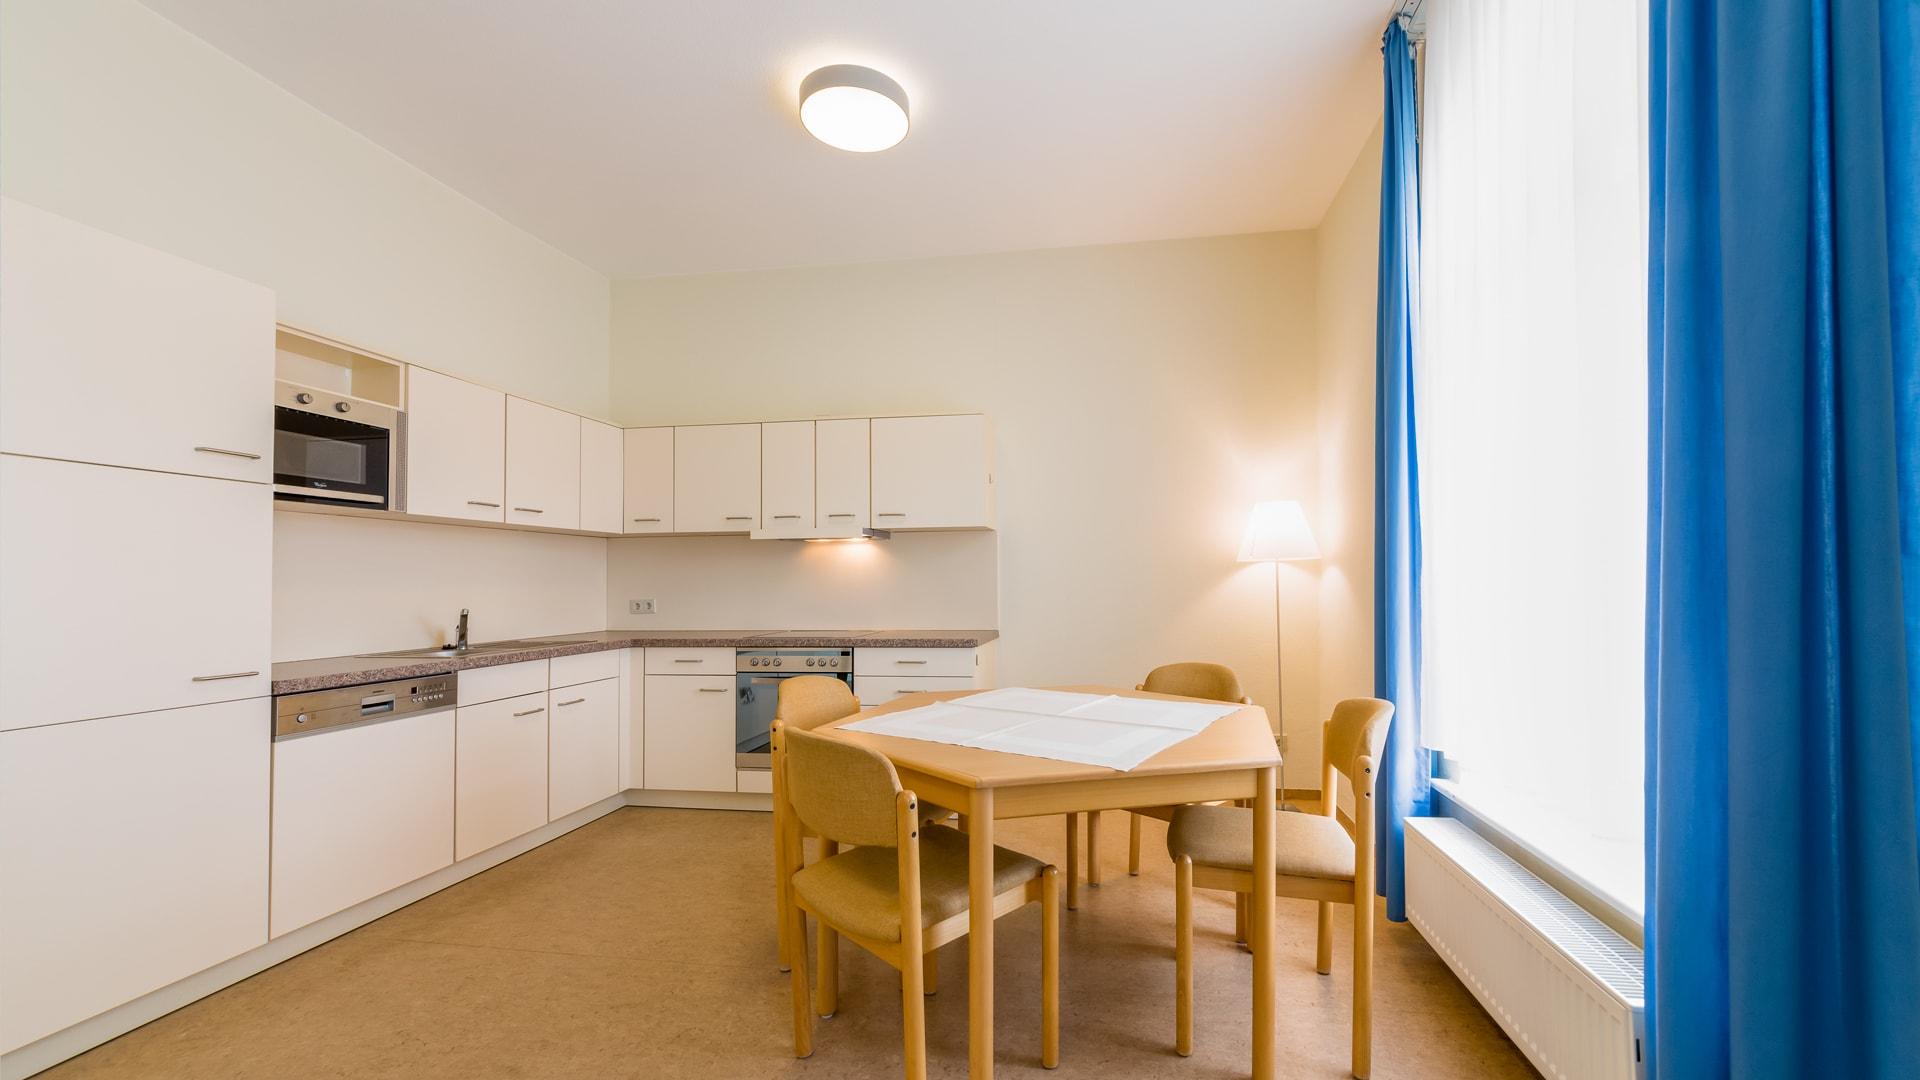 36 Michels_Hotels_Haus_Wilhelm_Augusta_5Raum_Ferienwohnung_Kueche